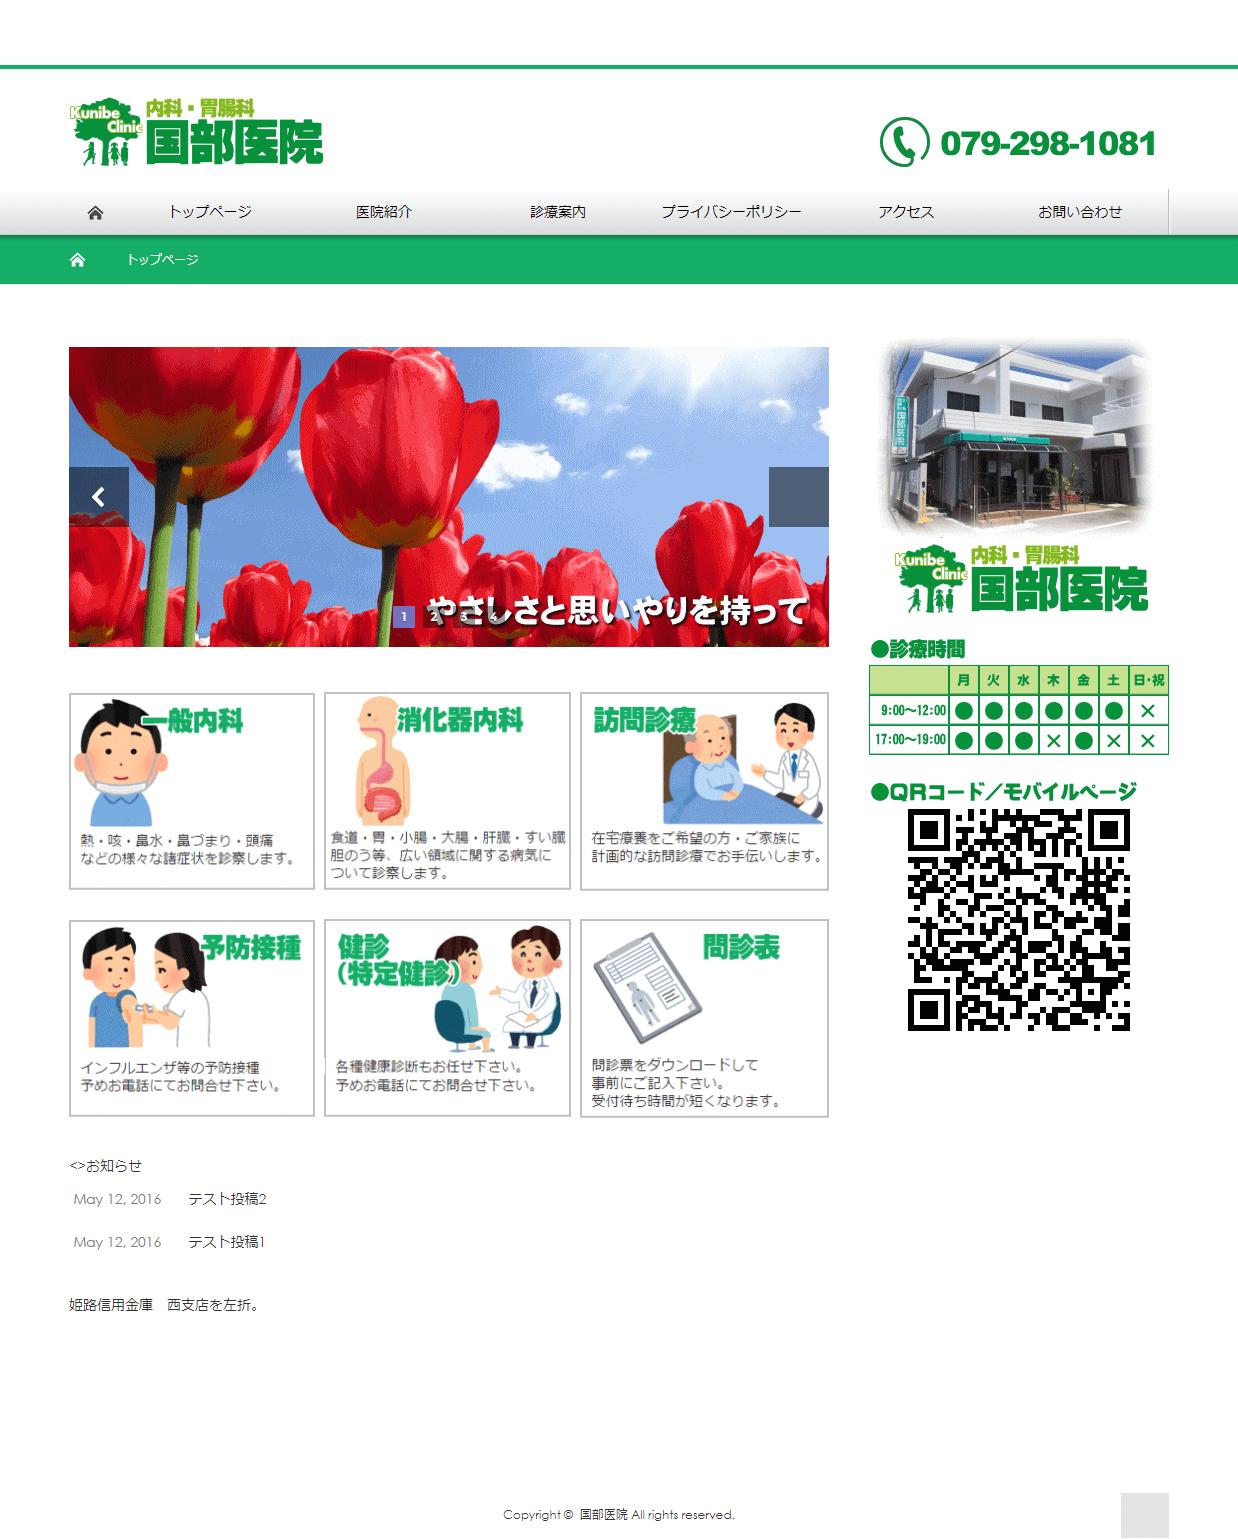 旧サイト:姫路市 国部医院 ホームページ制作